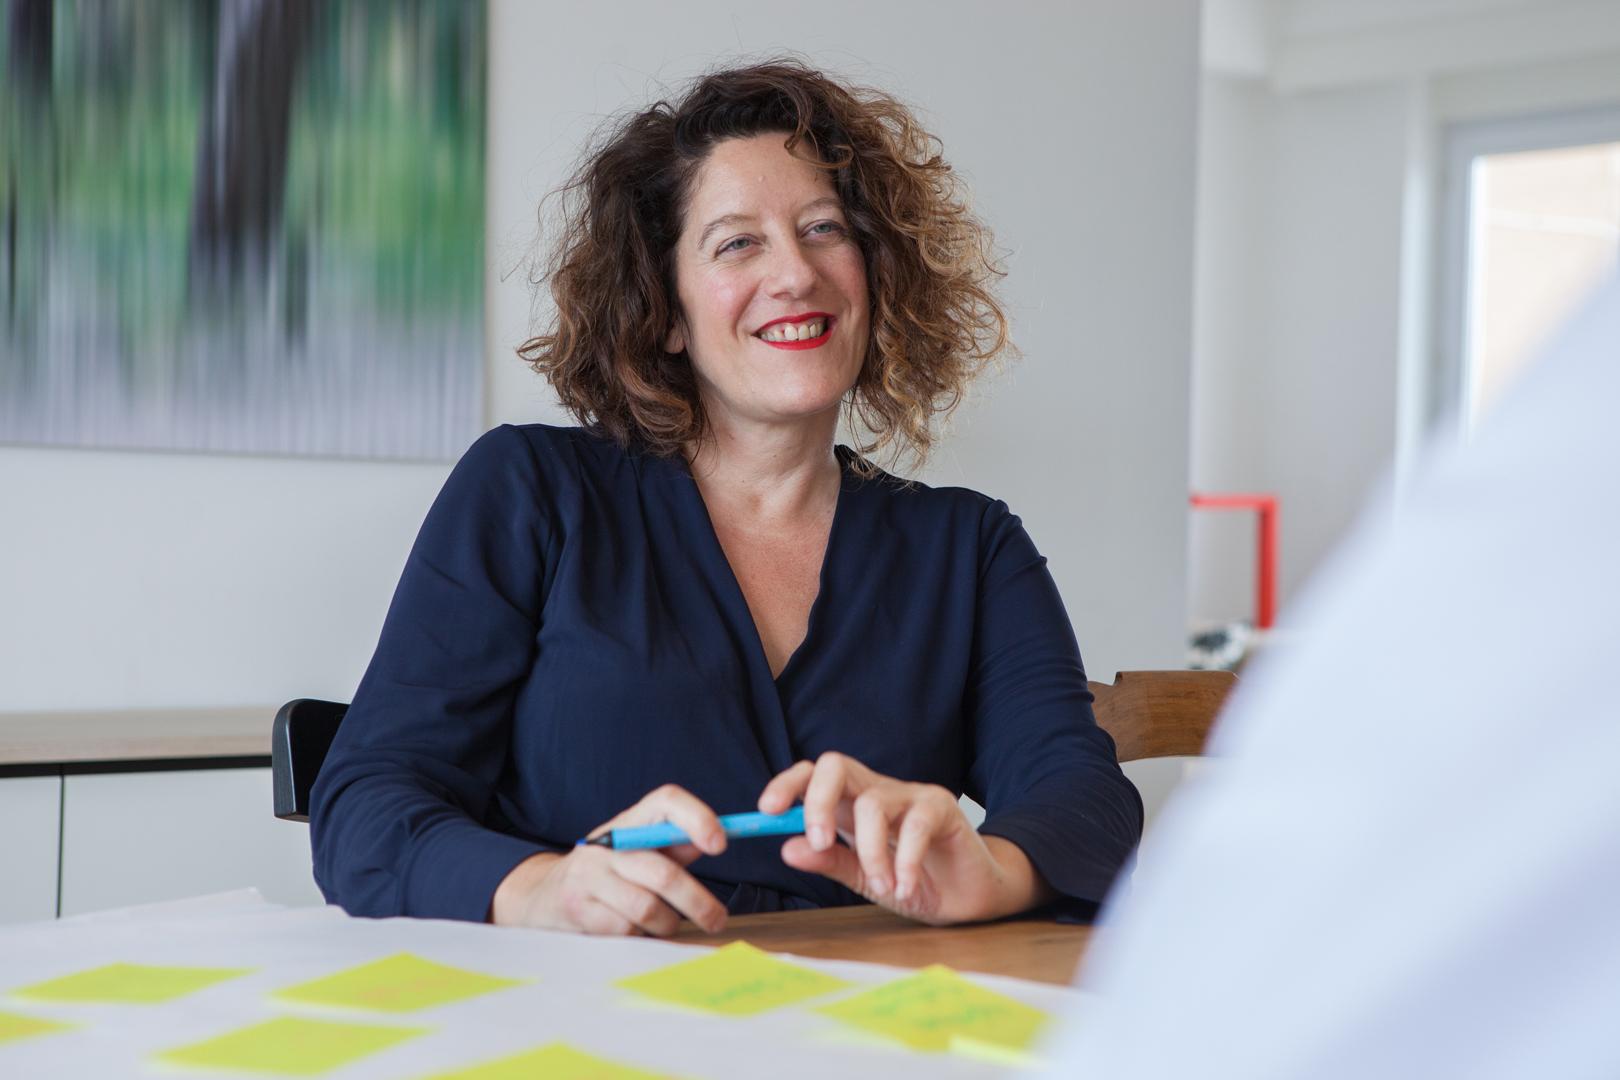 femme souriant pendant une réunion